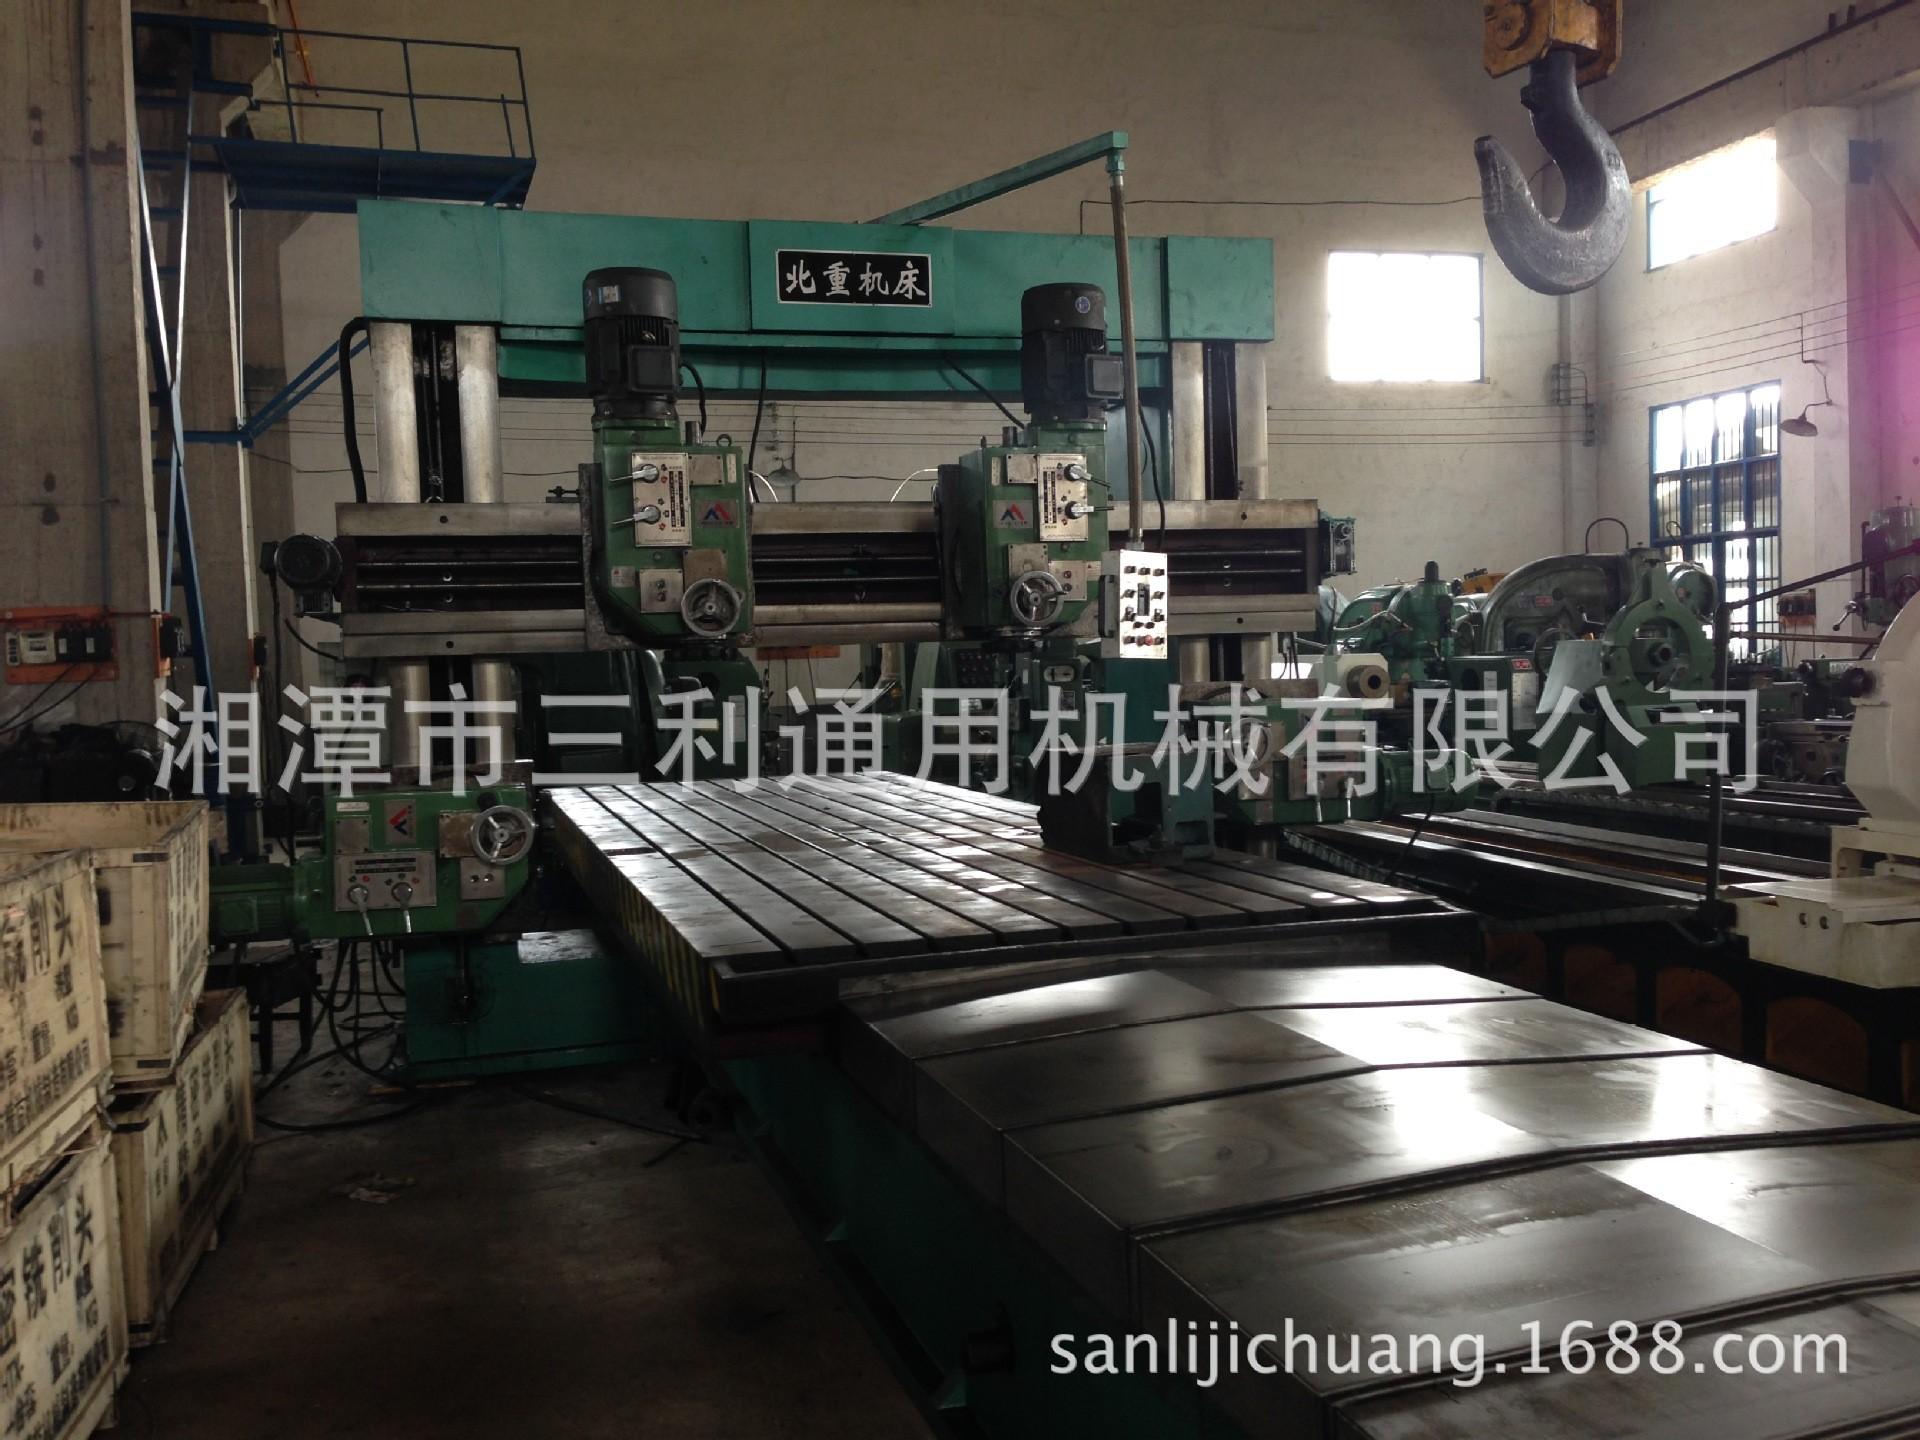 厂价直销北京机床万代龙门铣床 4米龙门铣 强力铣床包运到位安装